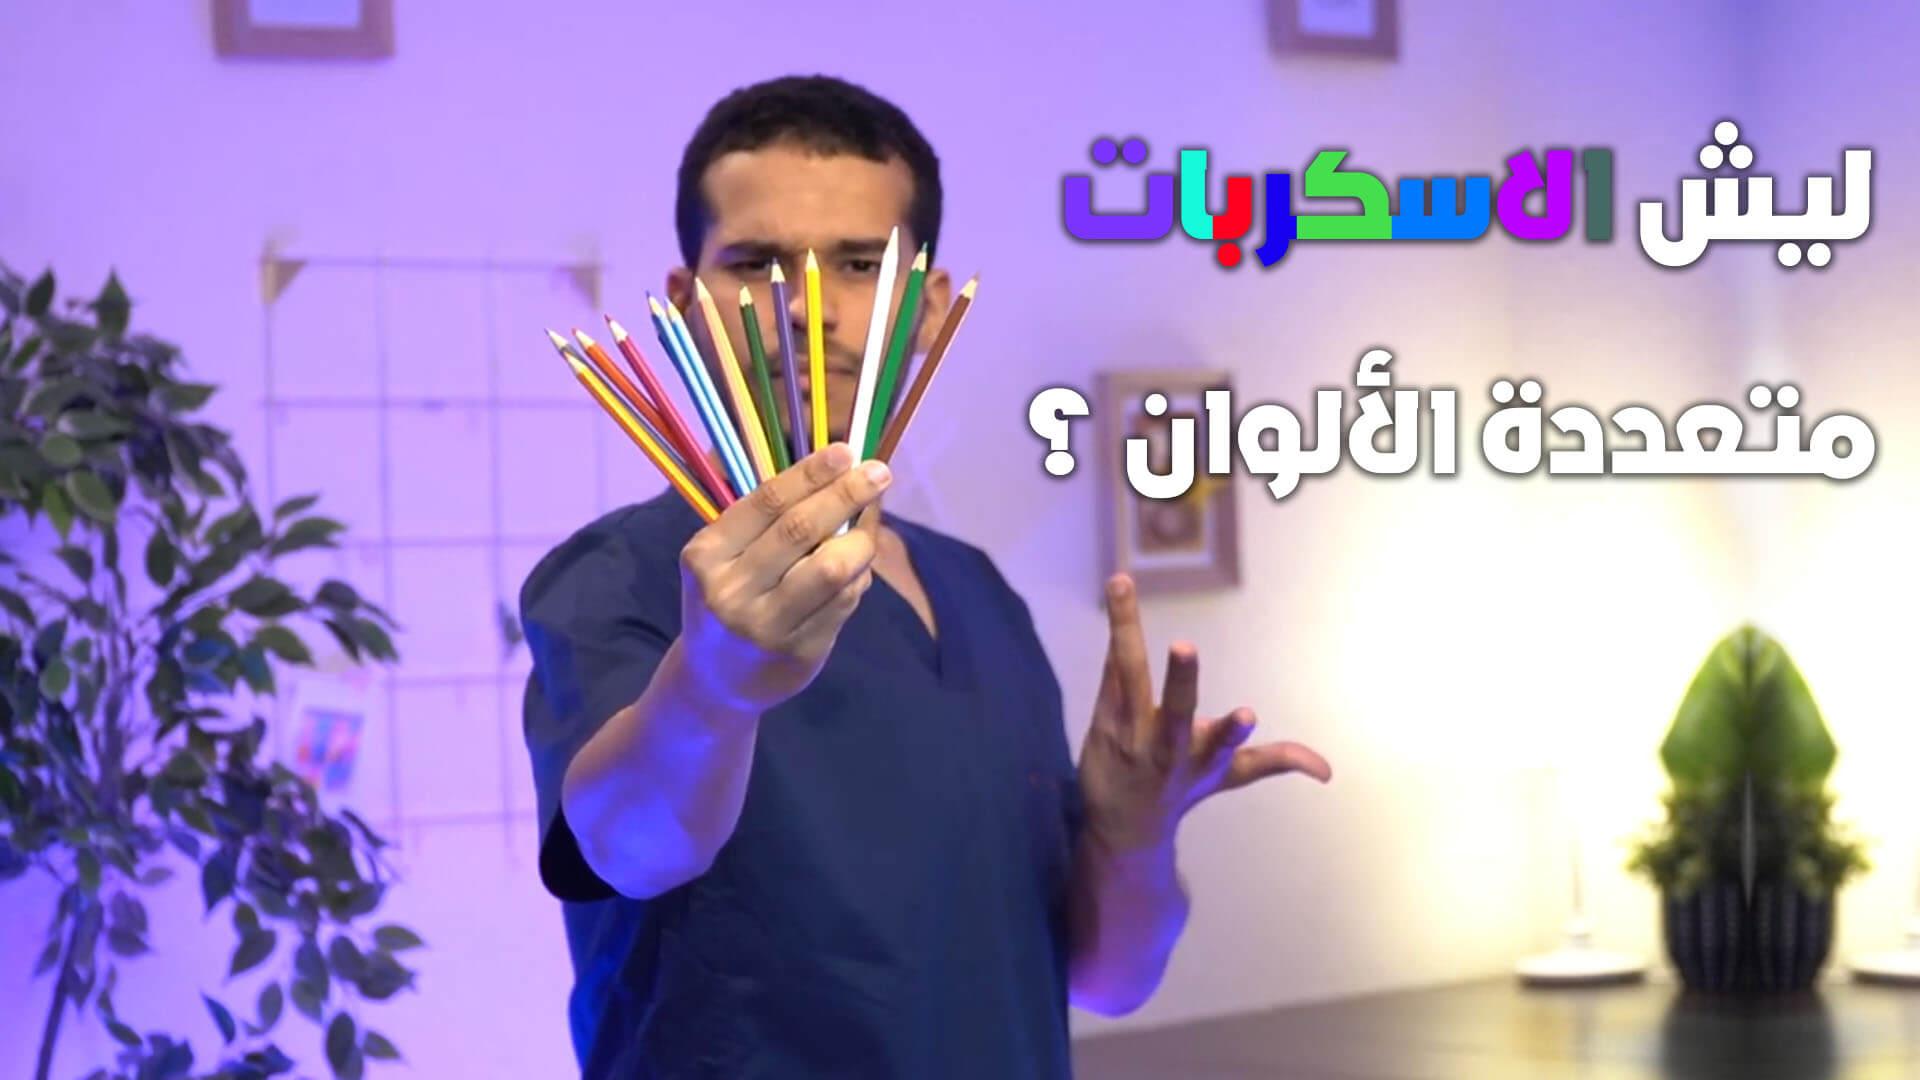 لماذا الاسكرب الطبي متعدد الألوان؟